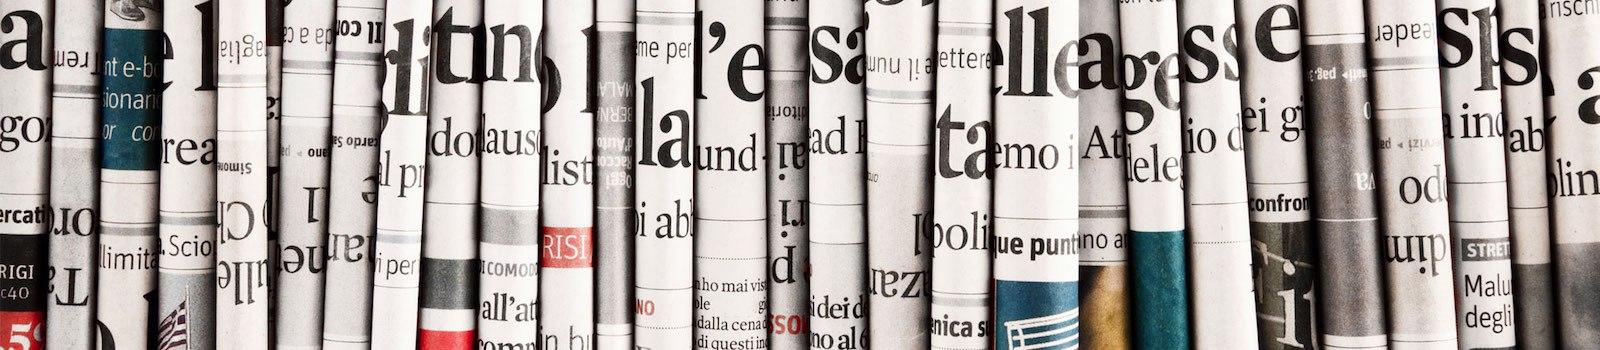 Cosa dicono i giornali di oggi le prime pagine dei for Camera dei deputati rassegna stampa